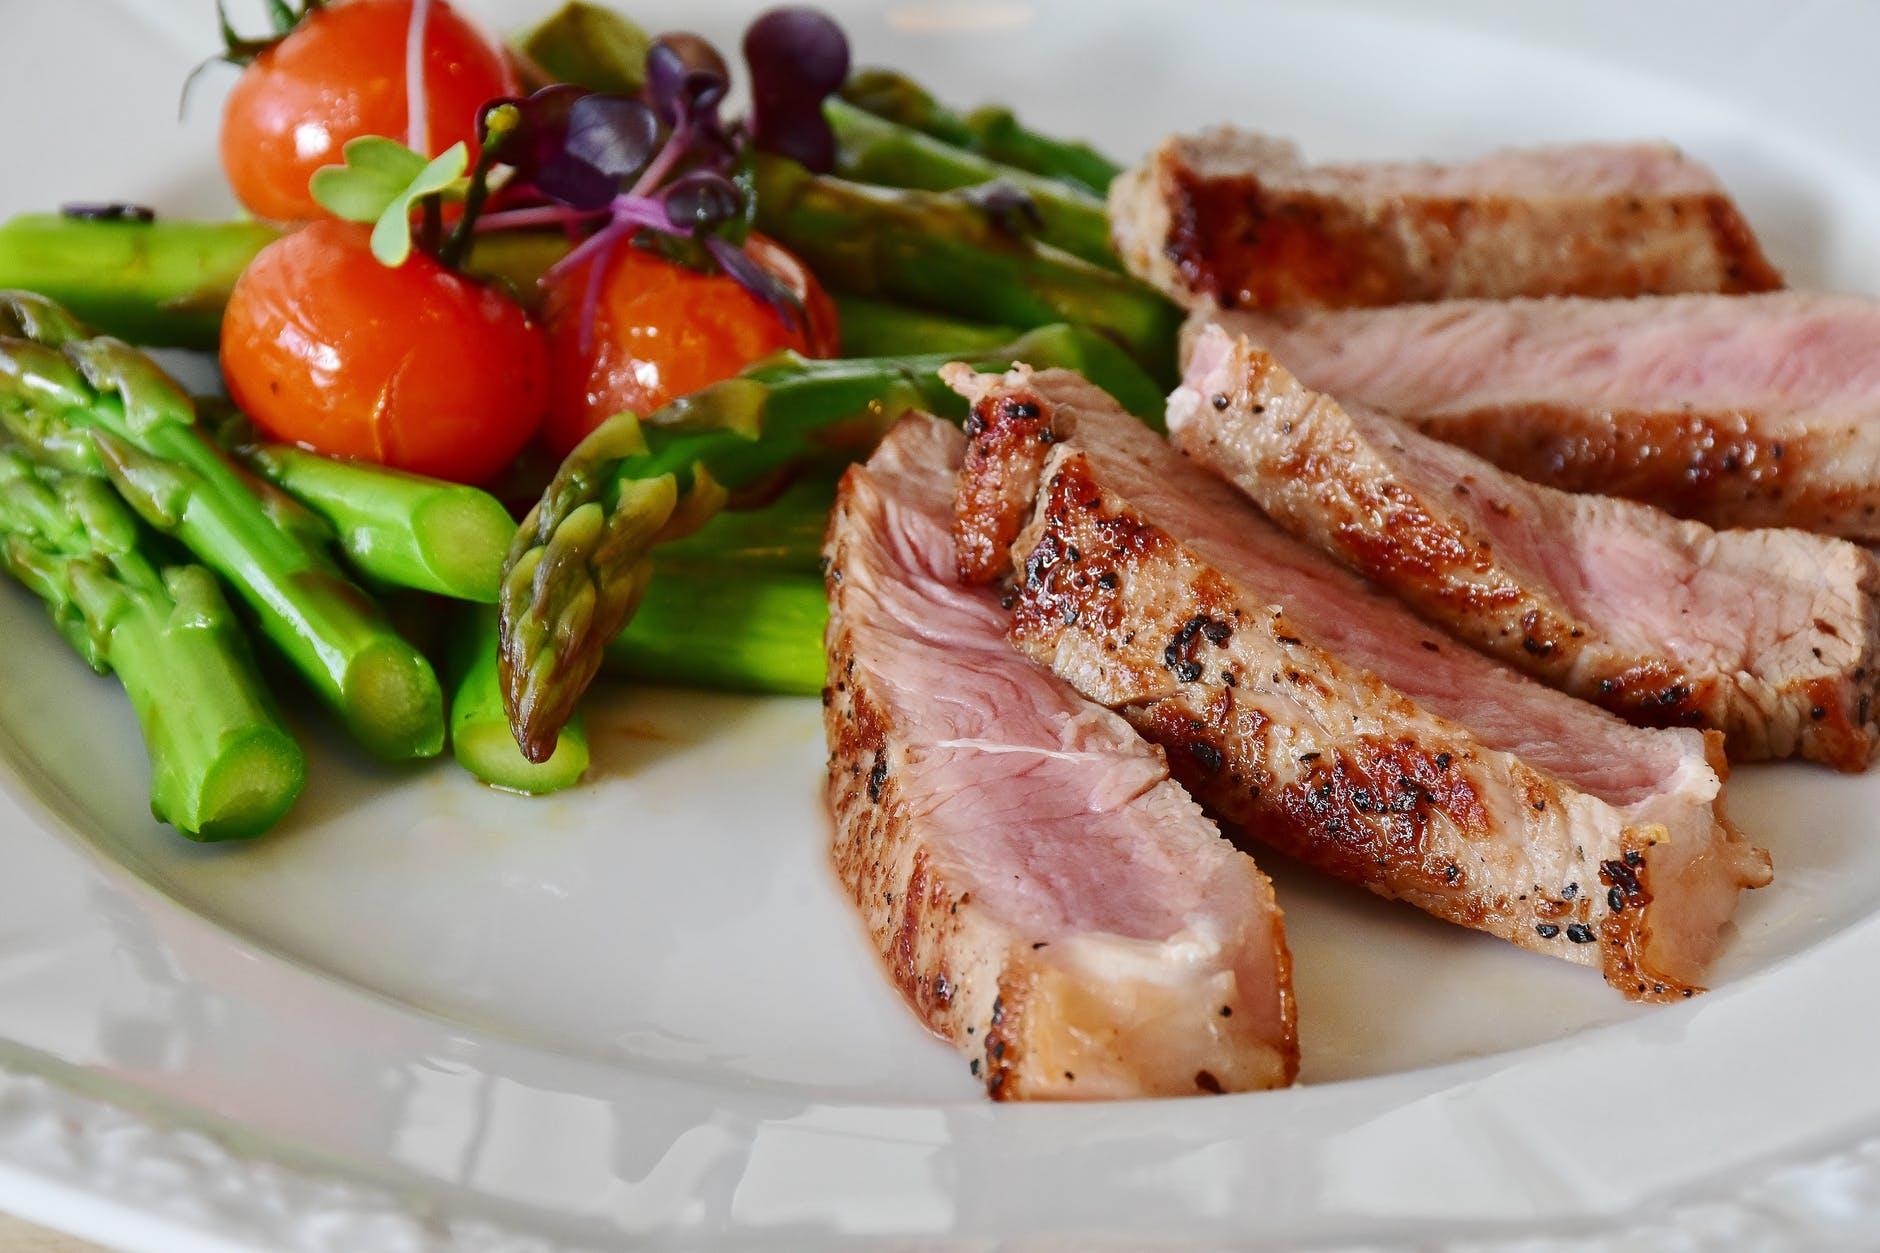 danie z wołowiny